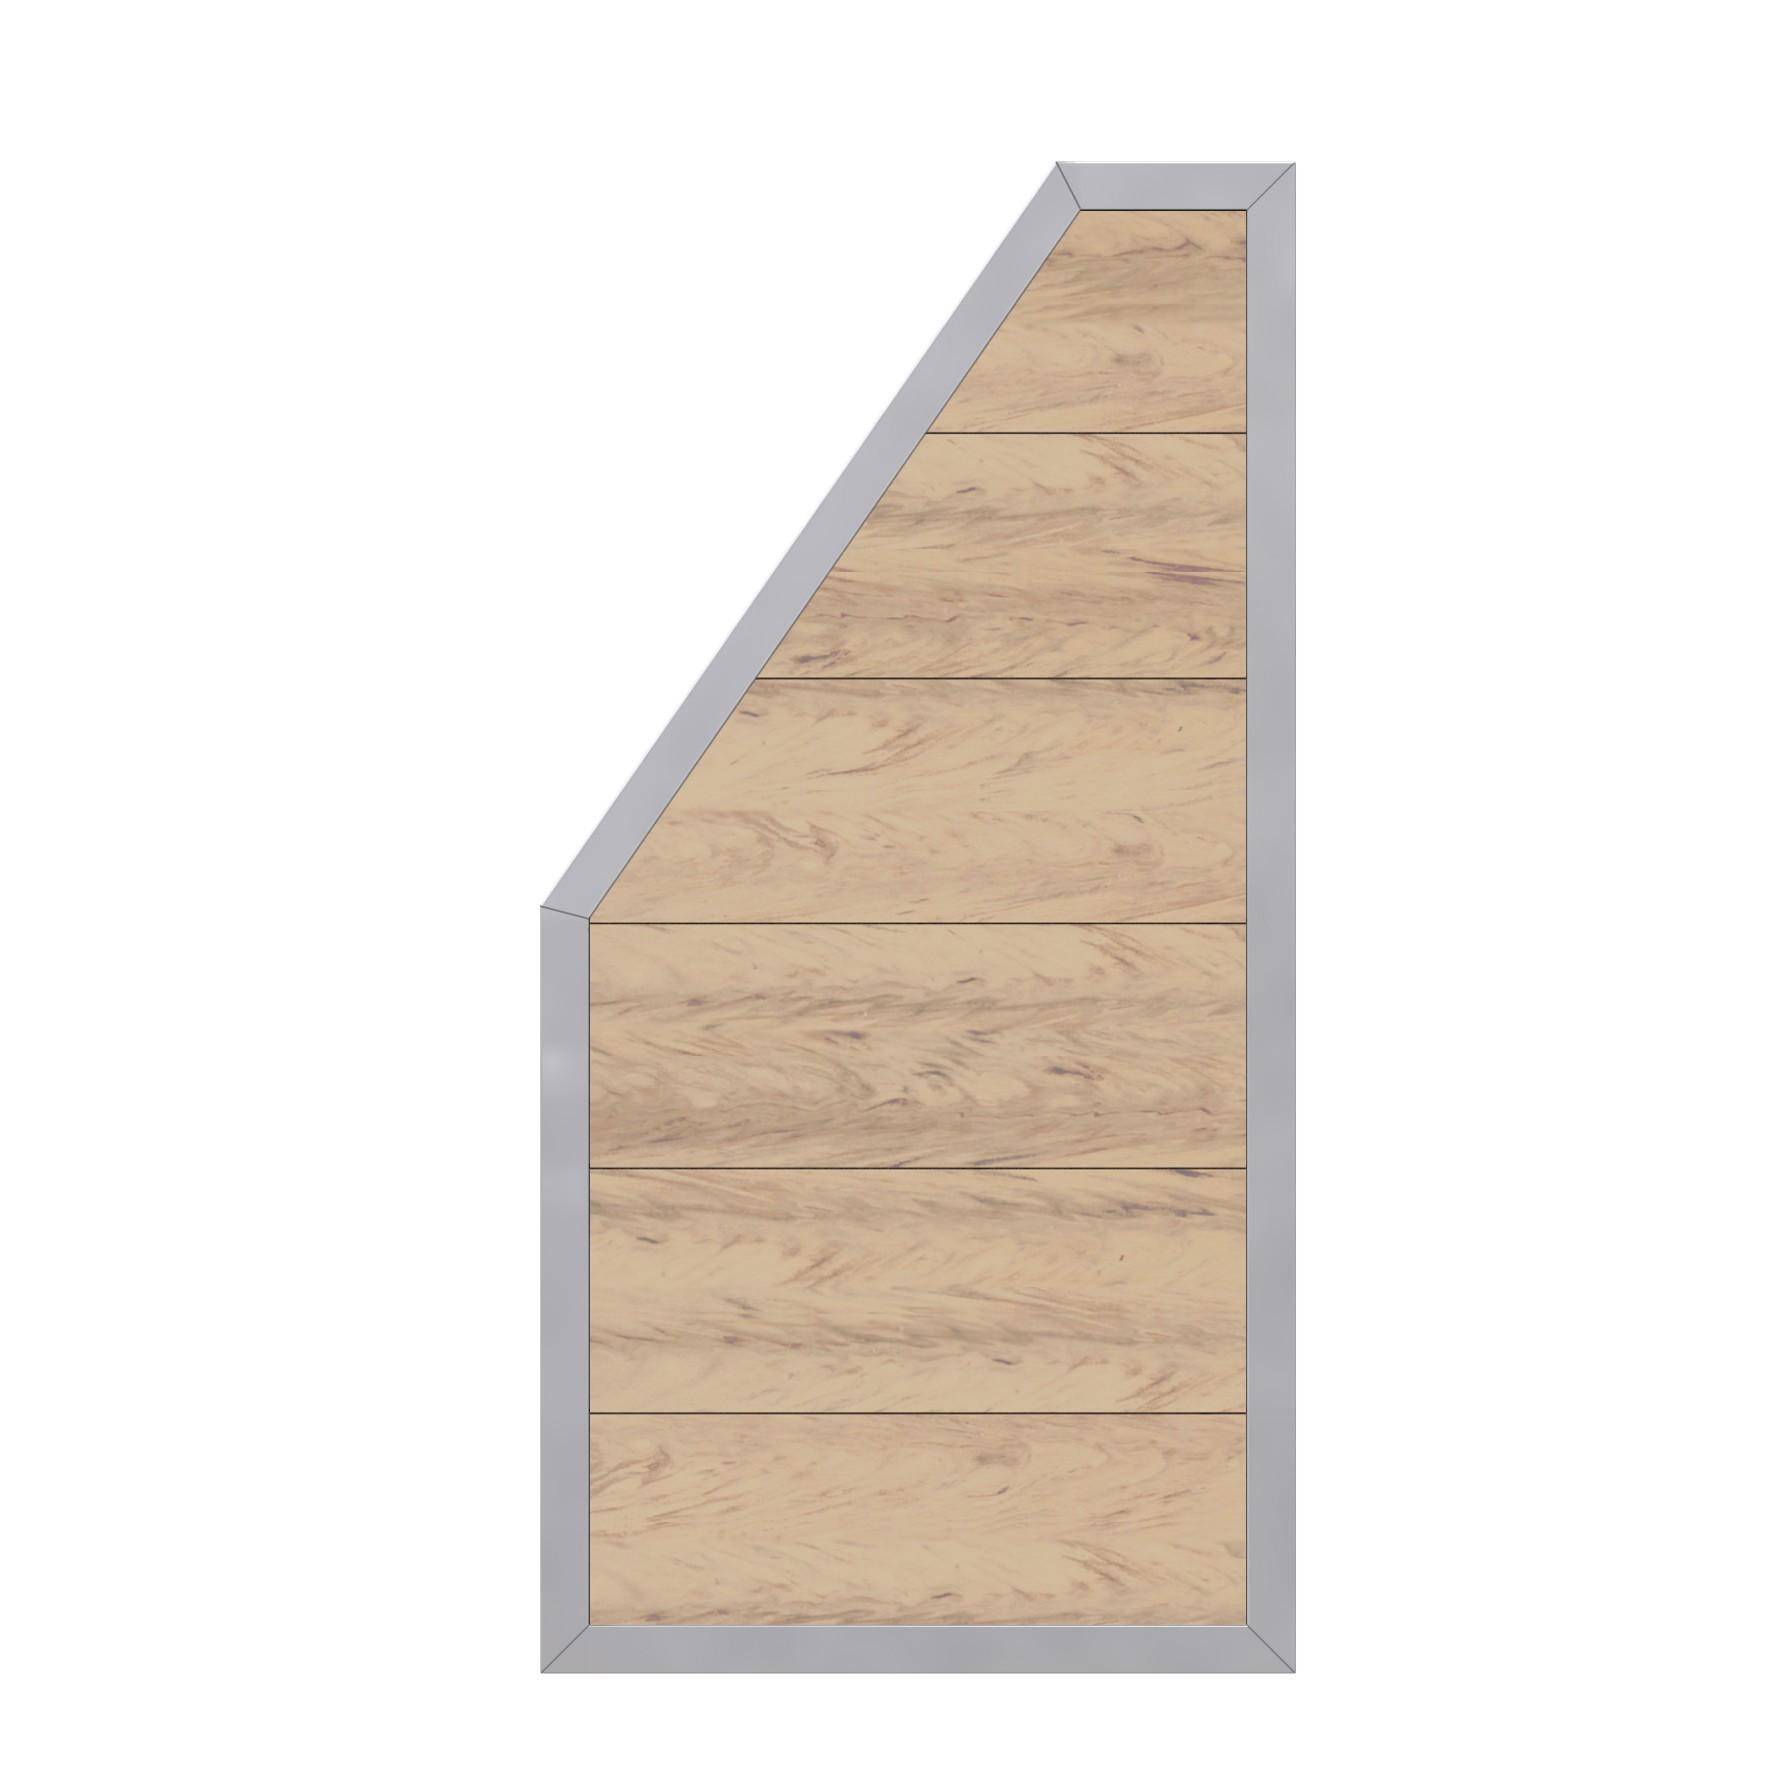 Sichtschutzzaun Design WPC Alu Anschlussteil sand 90x180/90cm Bild 2